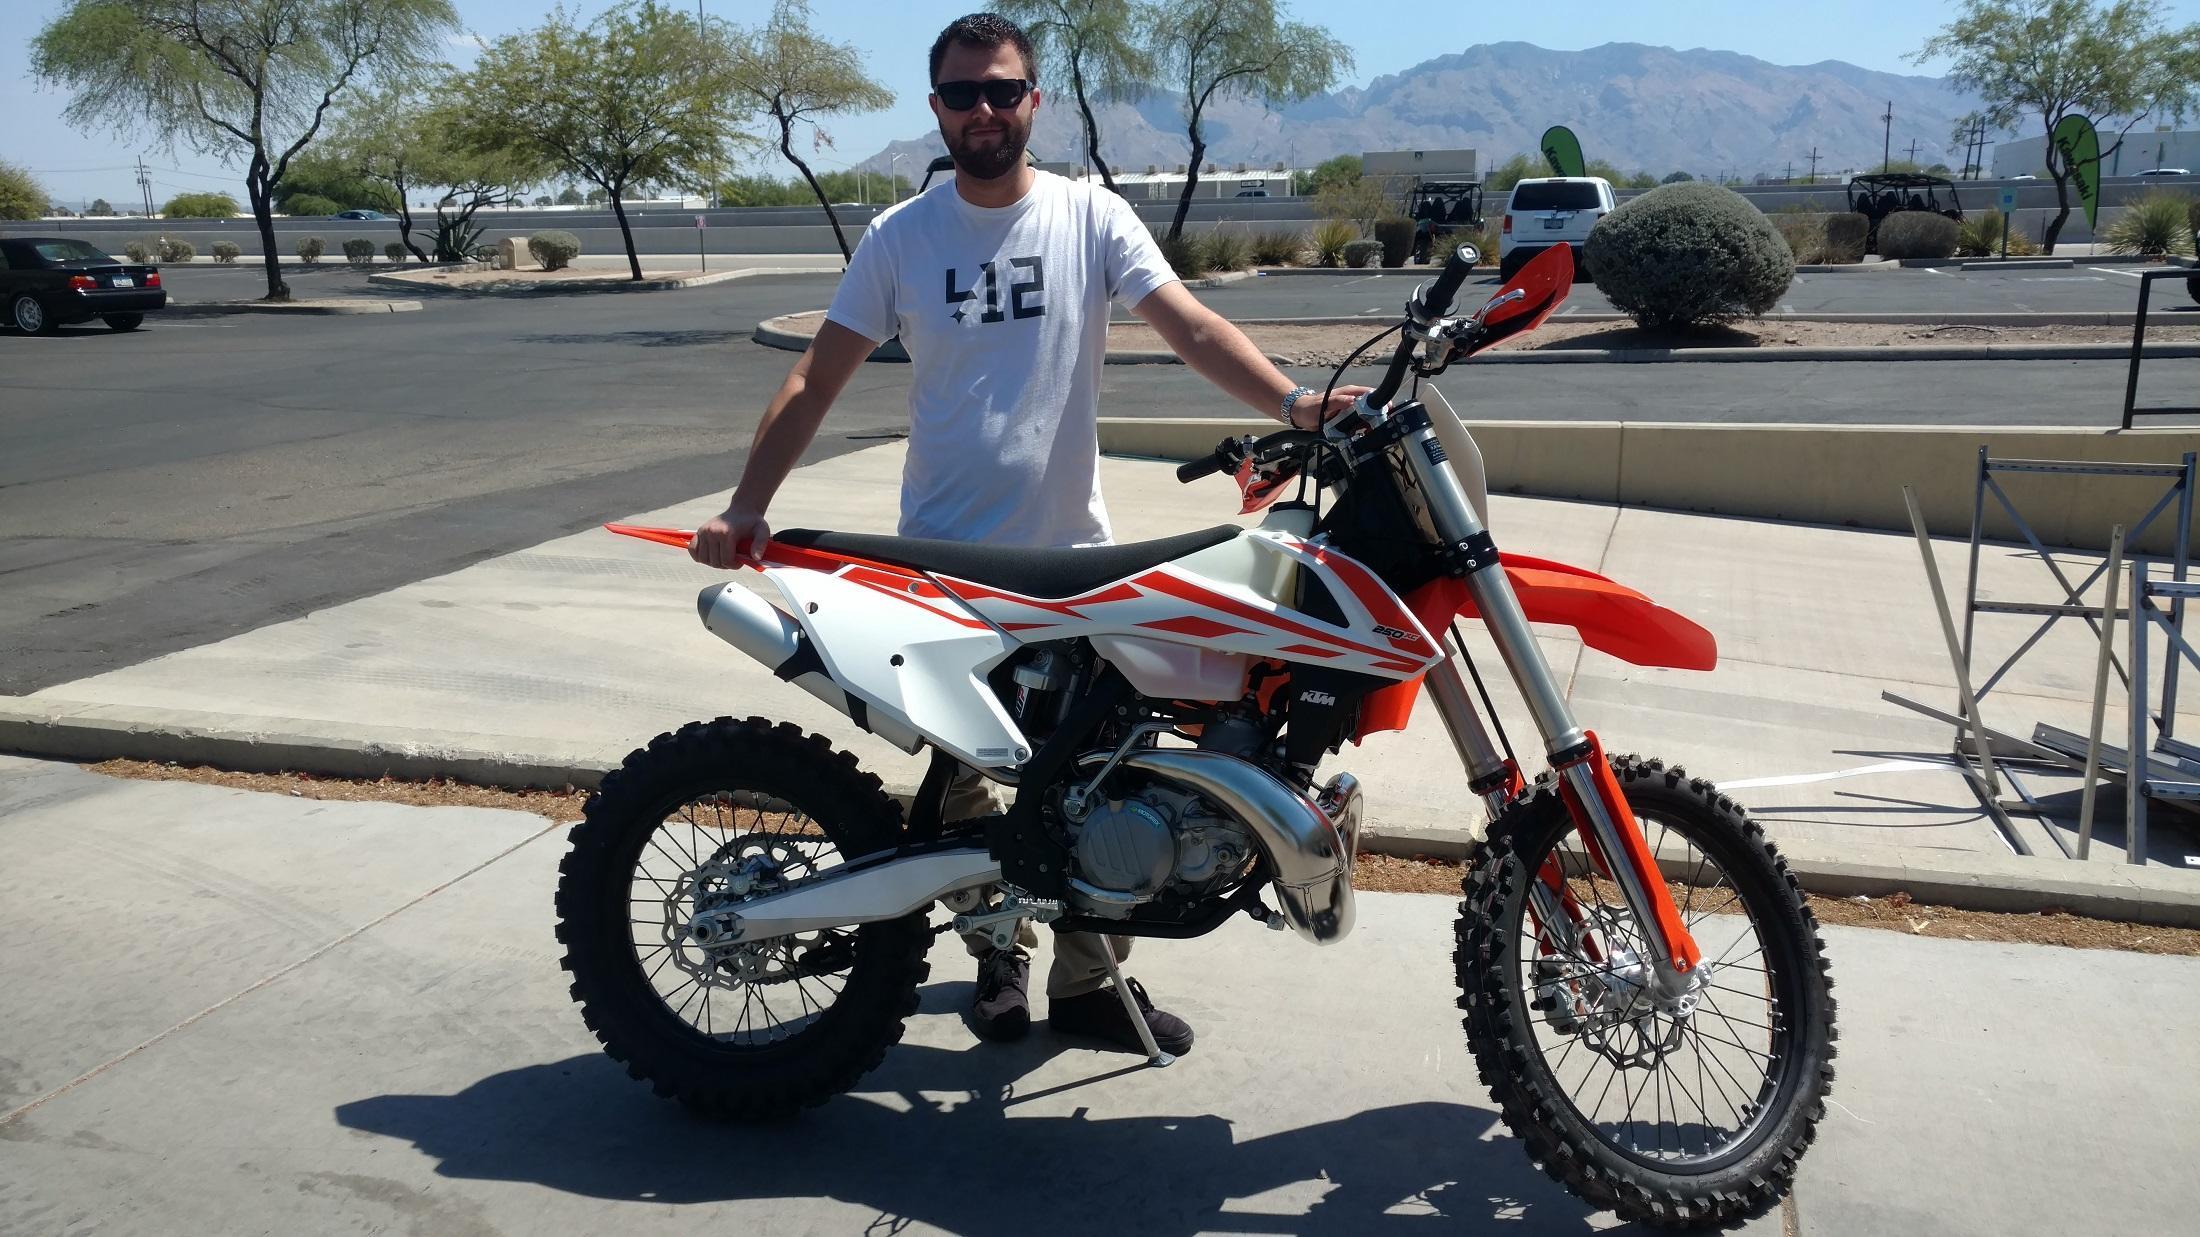 Permalink to Honda Motorcycle Dealers In Tucson Az